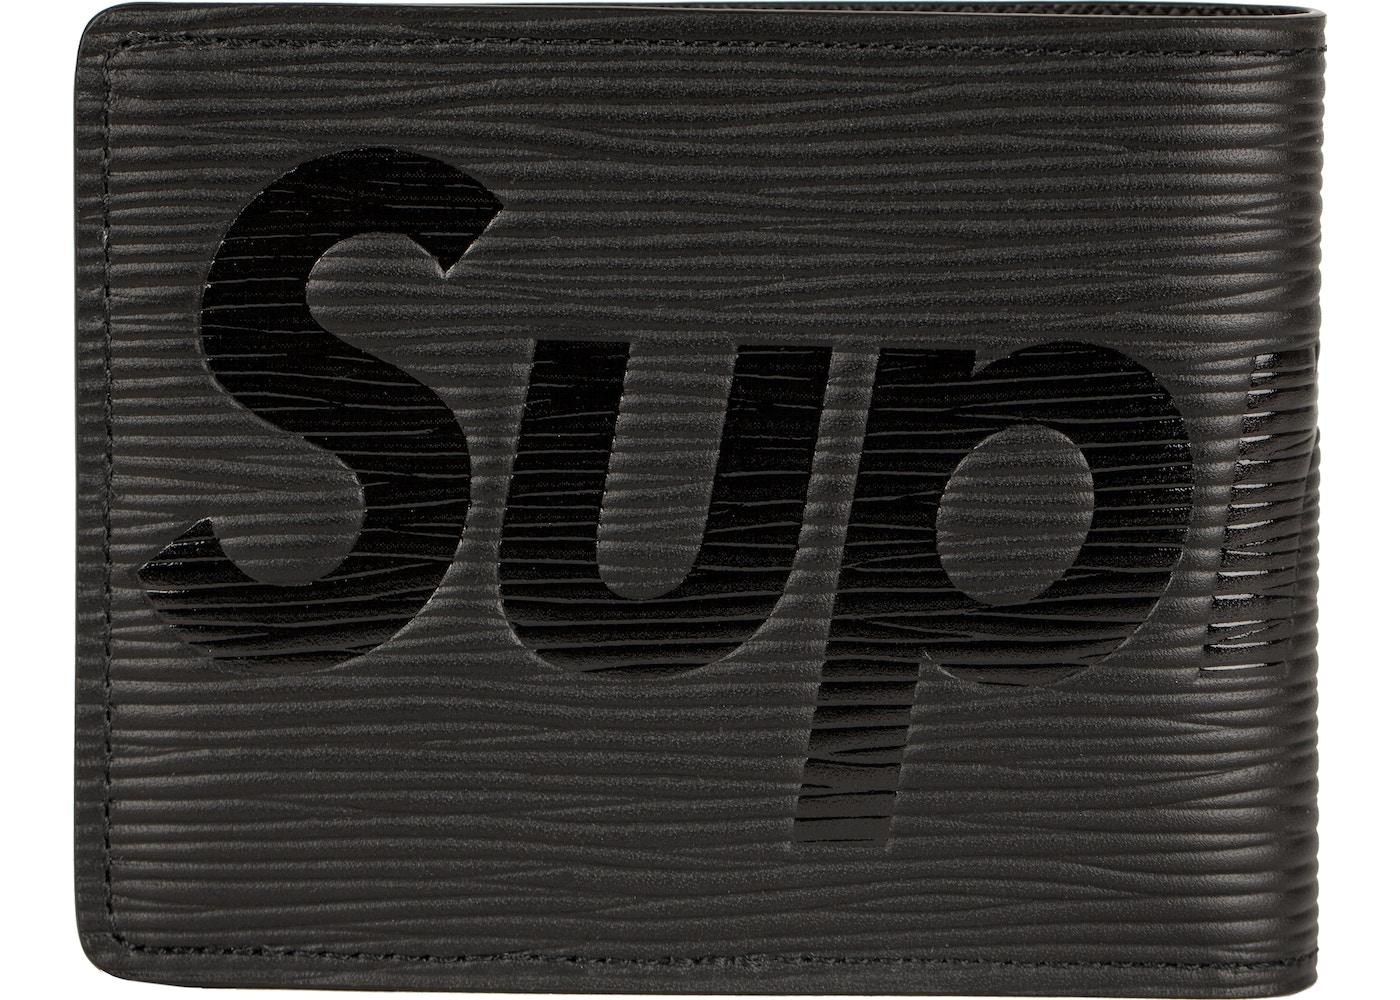 009a6981f19 Louis Vuitton x Supreme Slender Wallet Epi Black